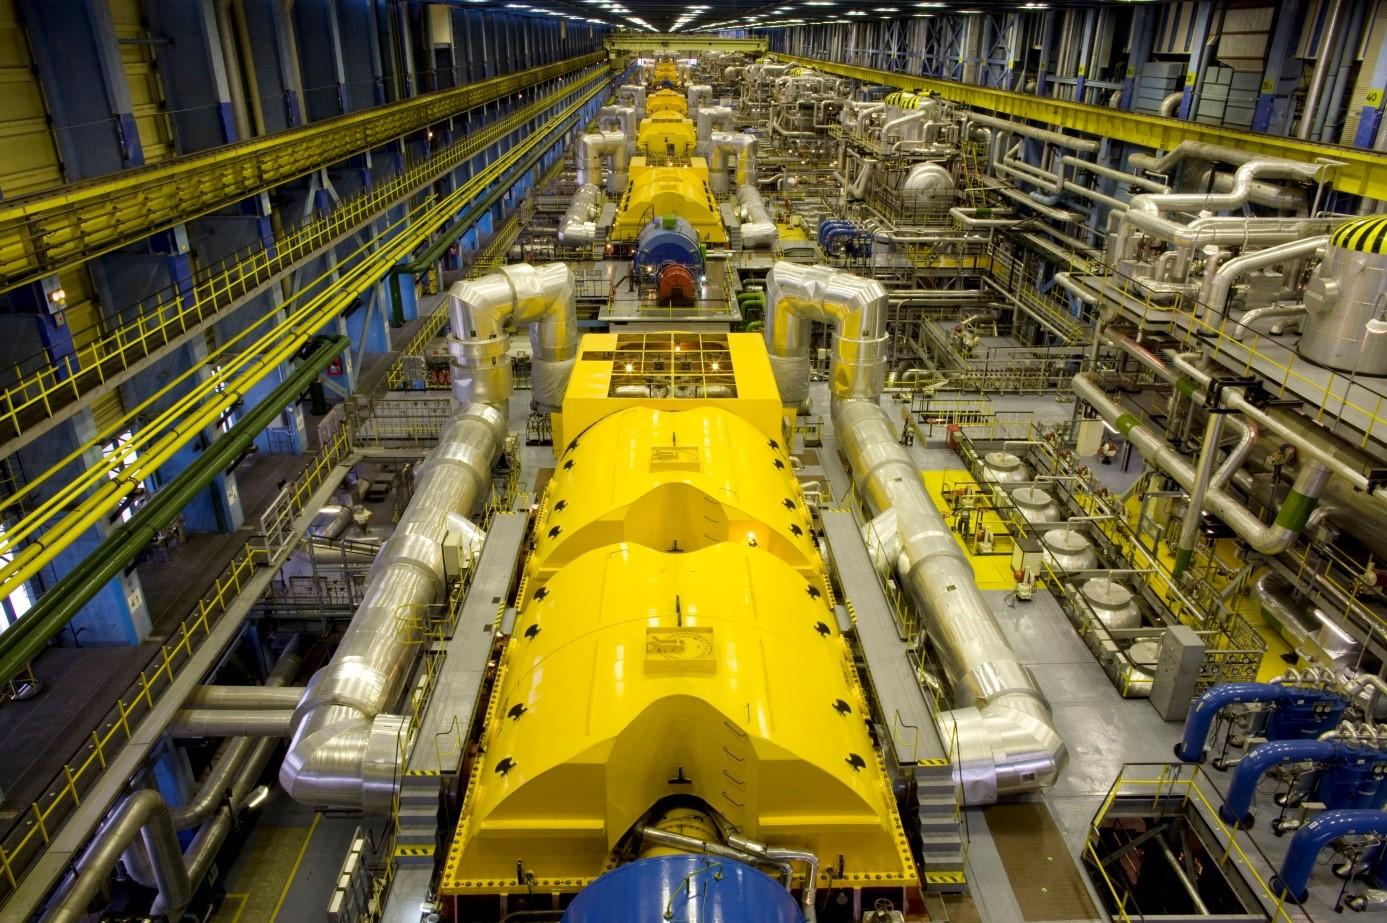 A Paksi Atomerőmű belső tere